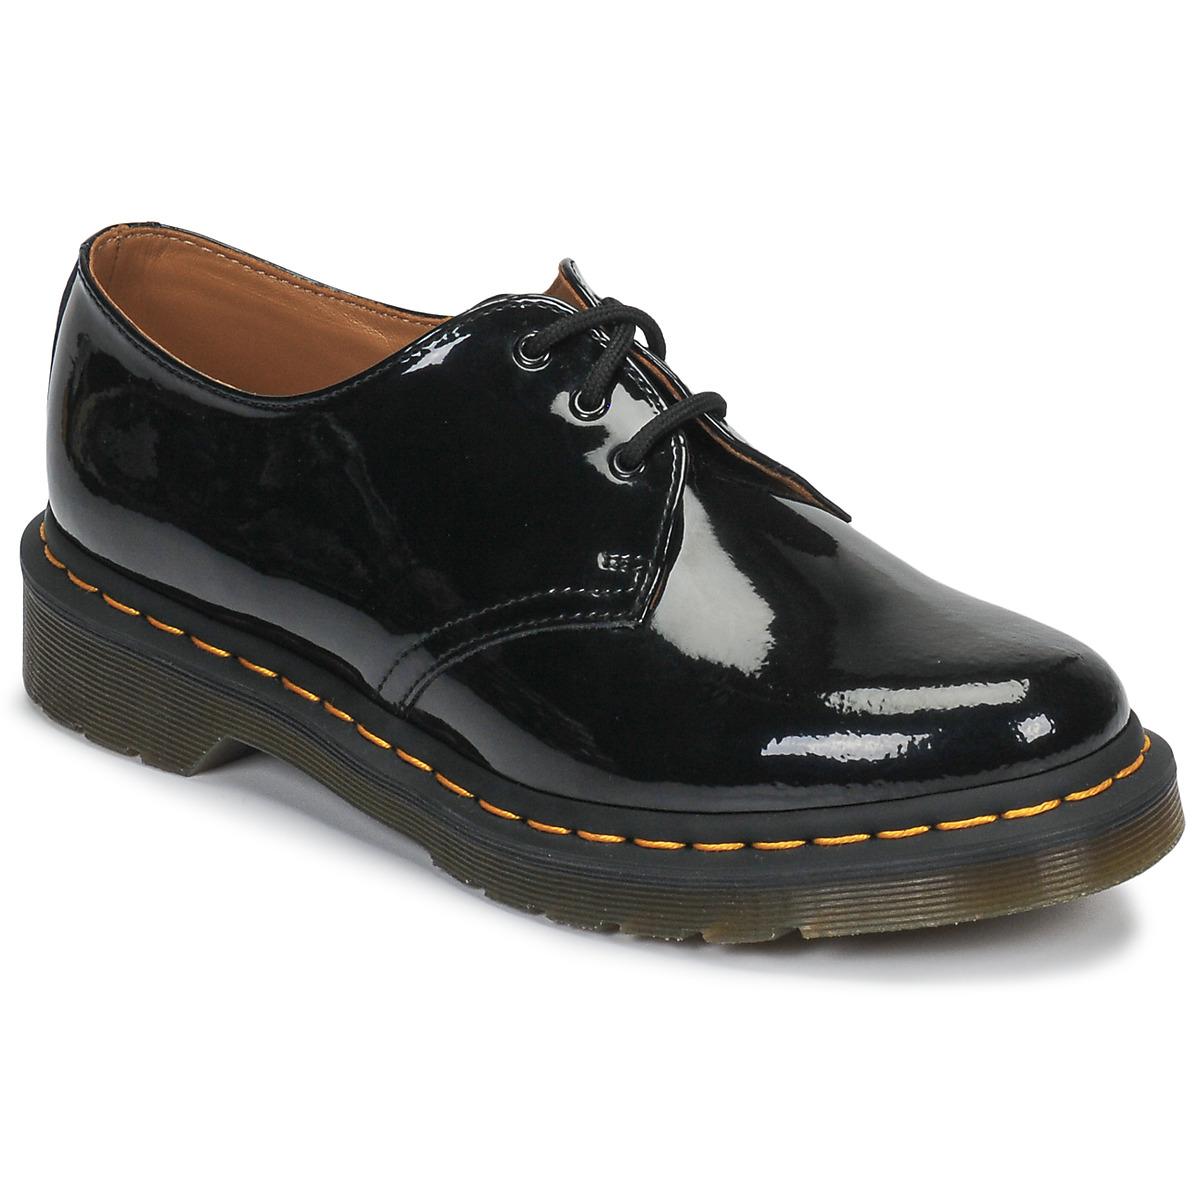 DR MARTENS - Chaussures, Accessoires, Beaute DR MARTENS - Livraison ... bef0988c945e